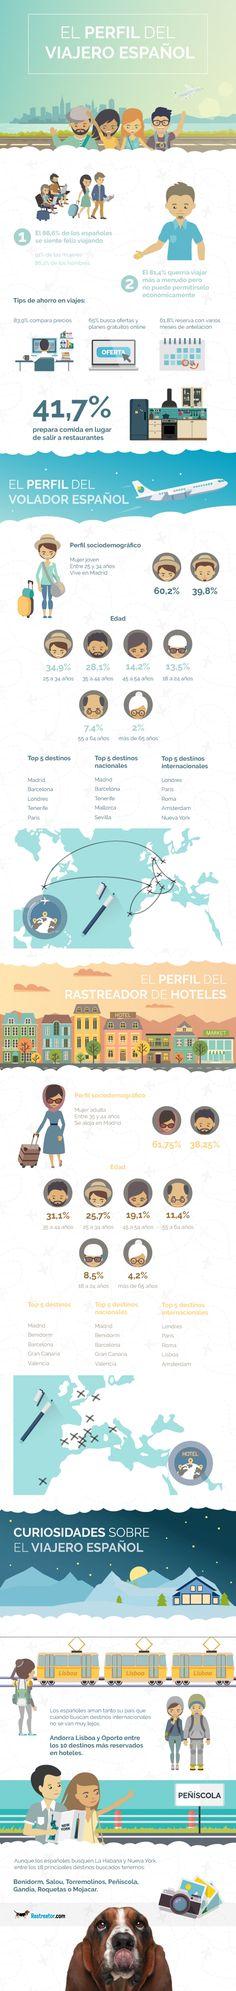 #kevelair Madrid, Benidorm y Barcelona lideran las búsquedas de destinos en internet #kevelairamerica